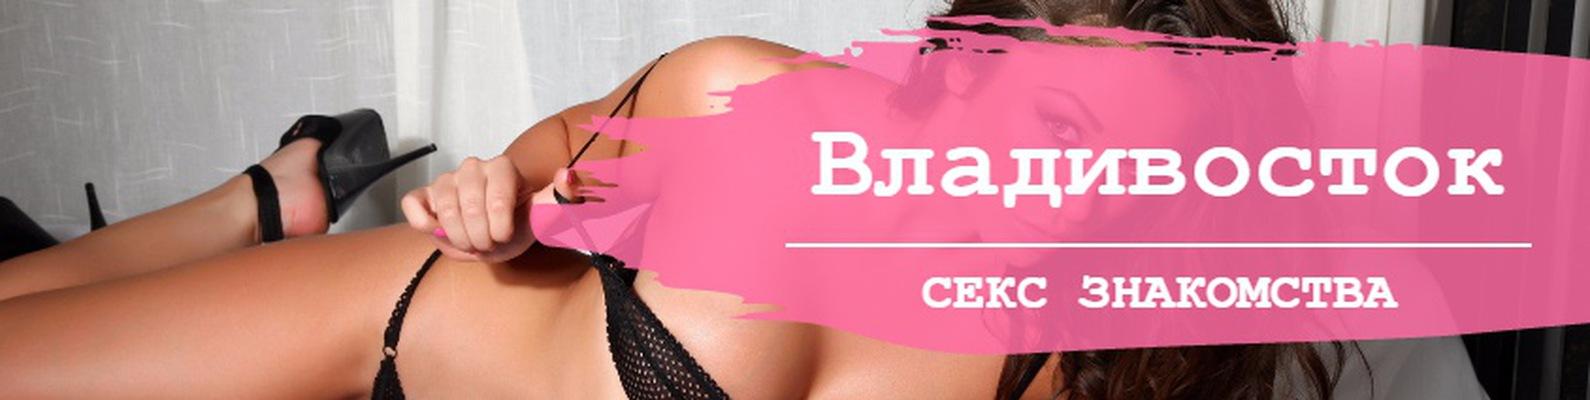 Знакомства для секса во владивостоке объявление знакомство для секса